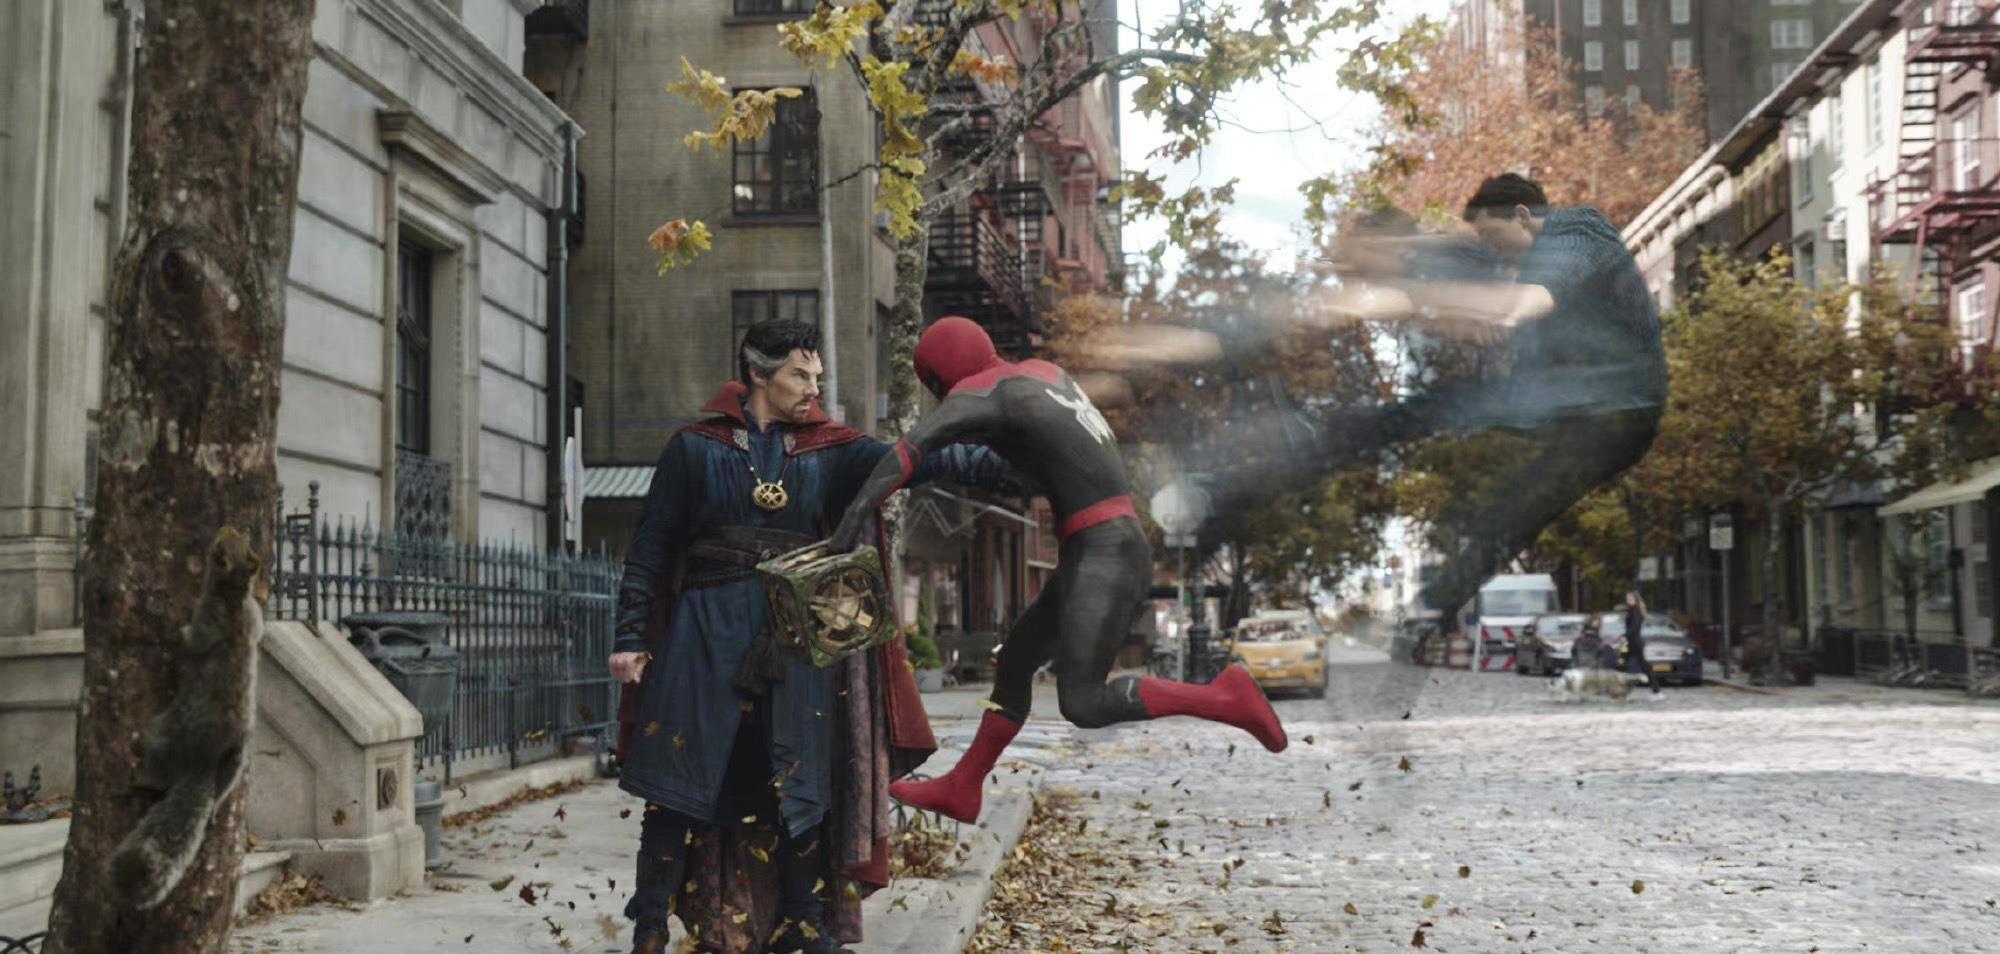 《蜘蛛侠:英雄无归》首款预告片在24小时内累计观看量超过3.5亿次创造历史